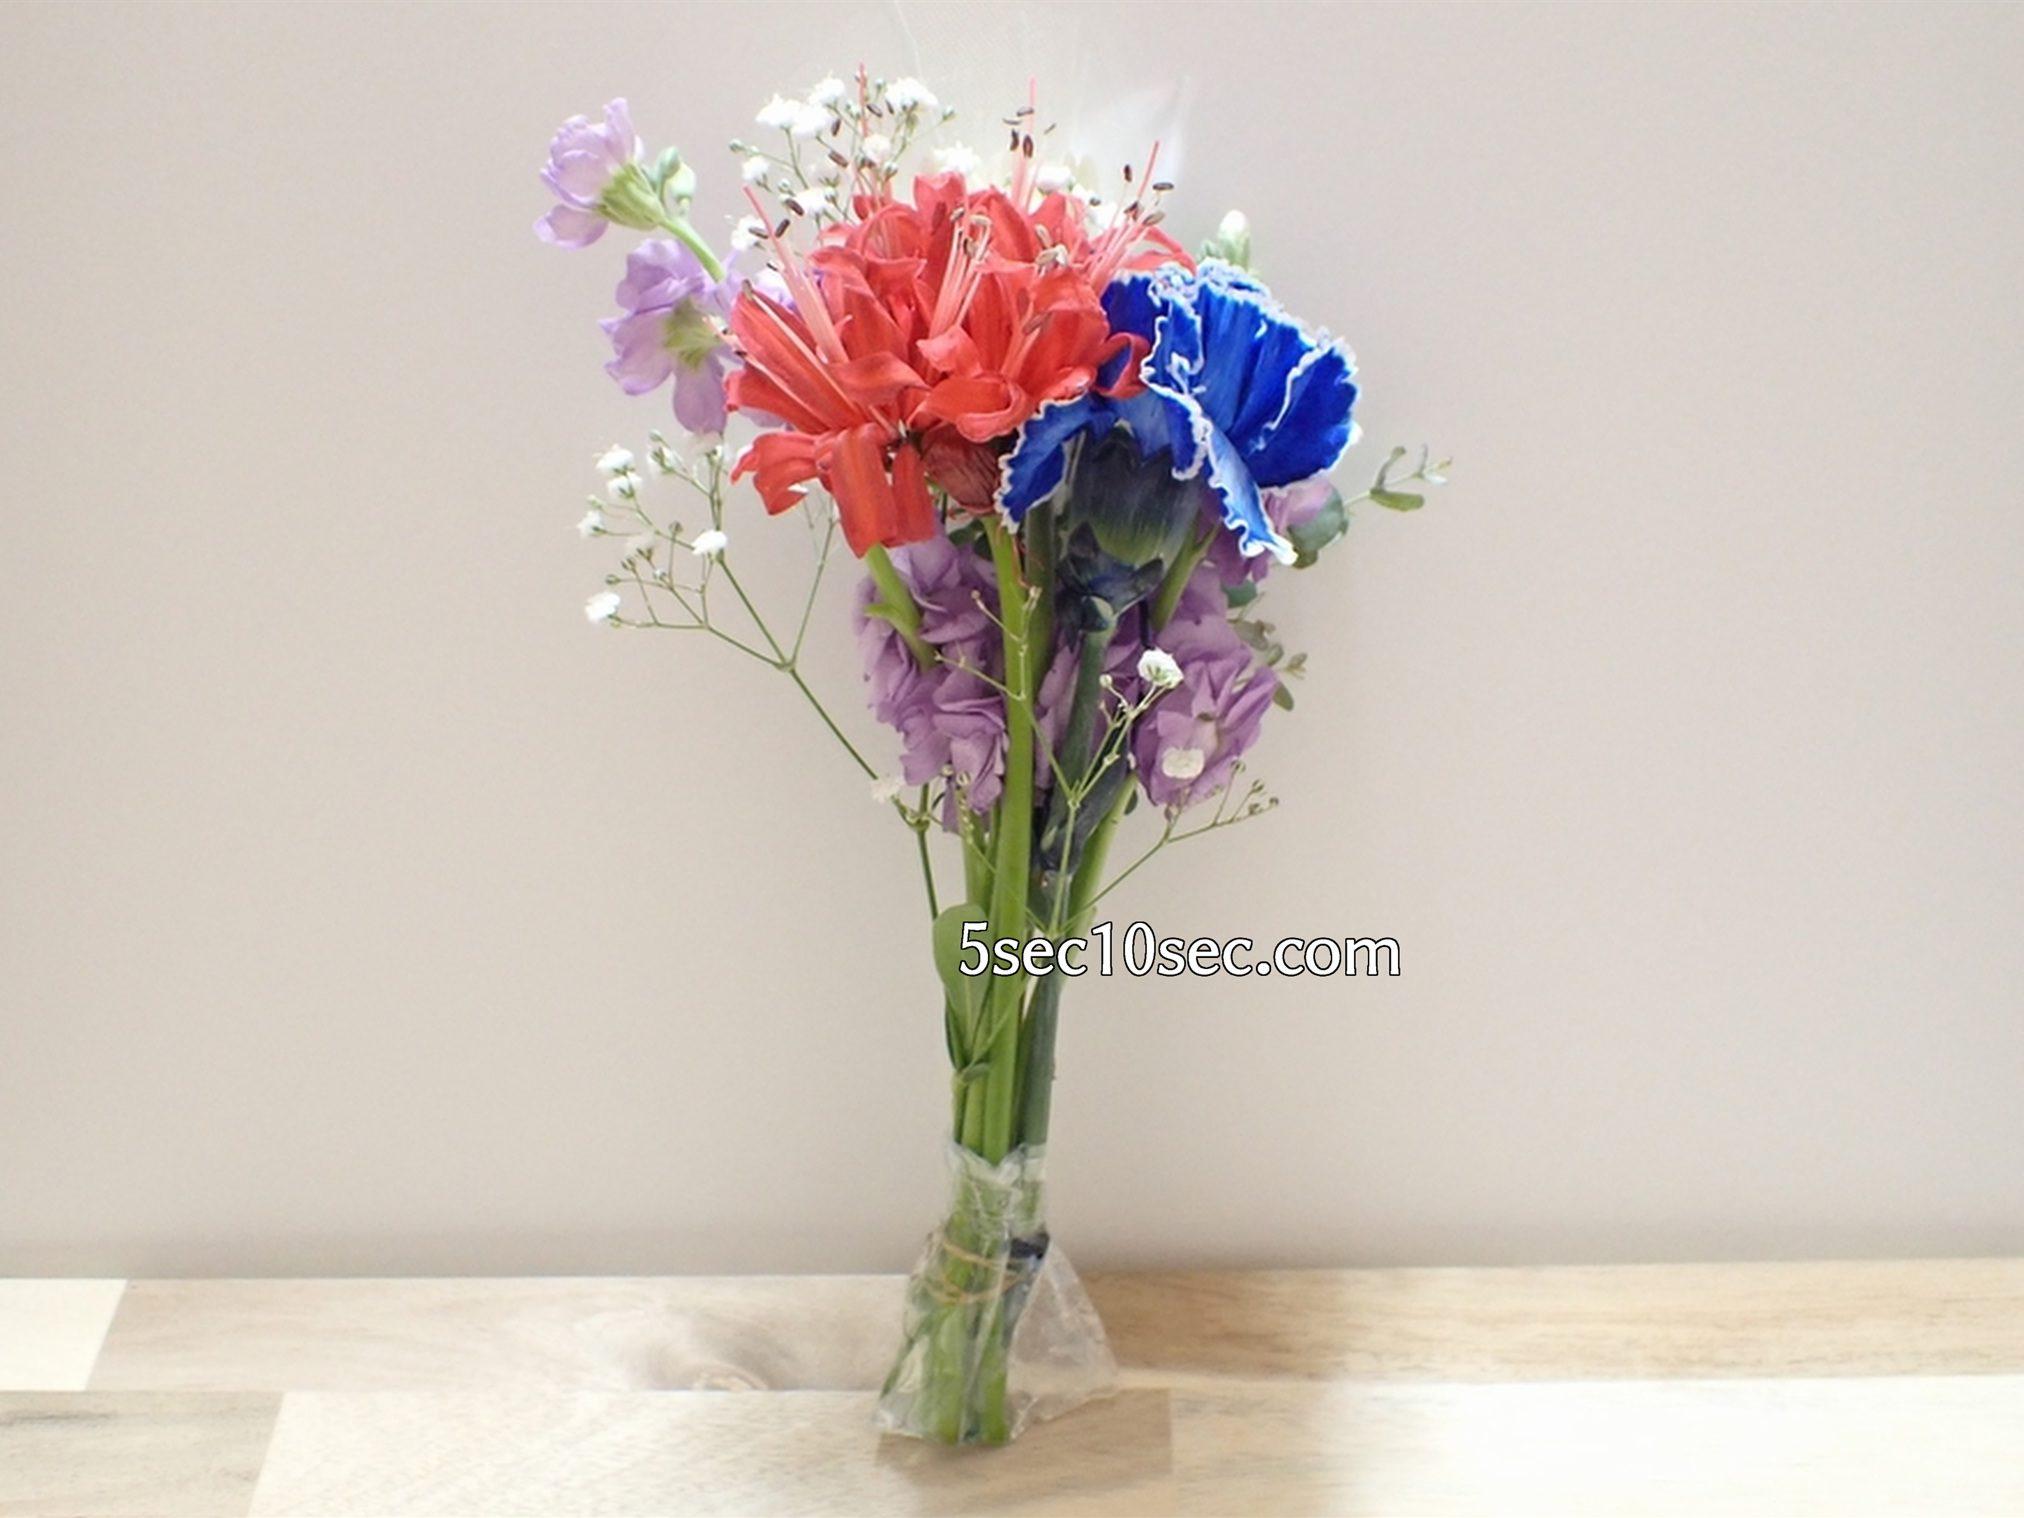 株式会社Crunch Style お花の定期便 Bloomee LIFE ブルーミーライフ 800円のレギュラープランで届いたお花、届いた物の全て